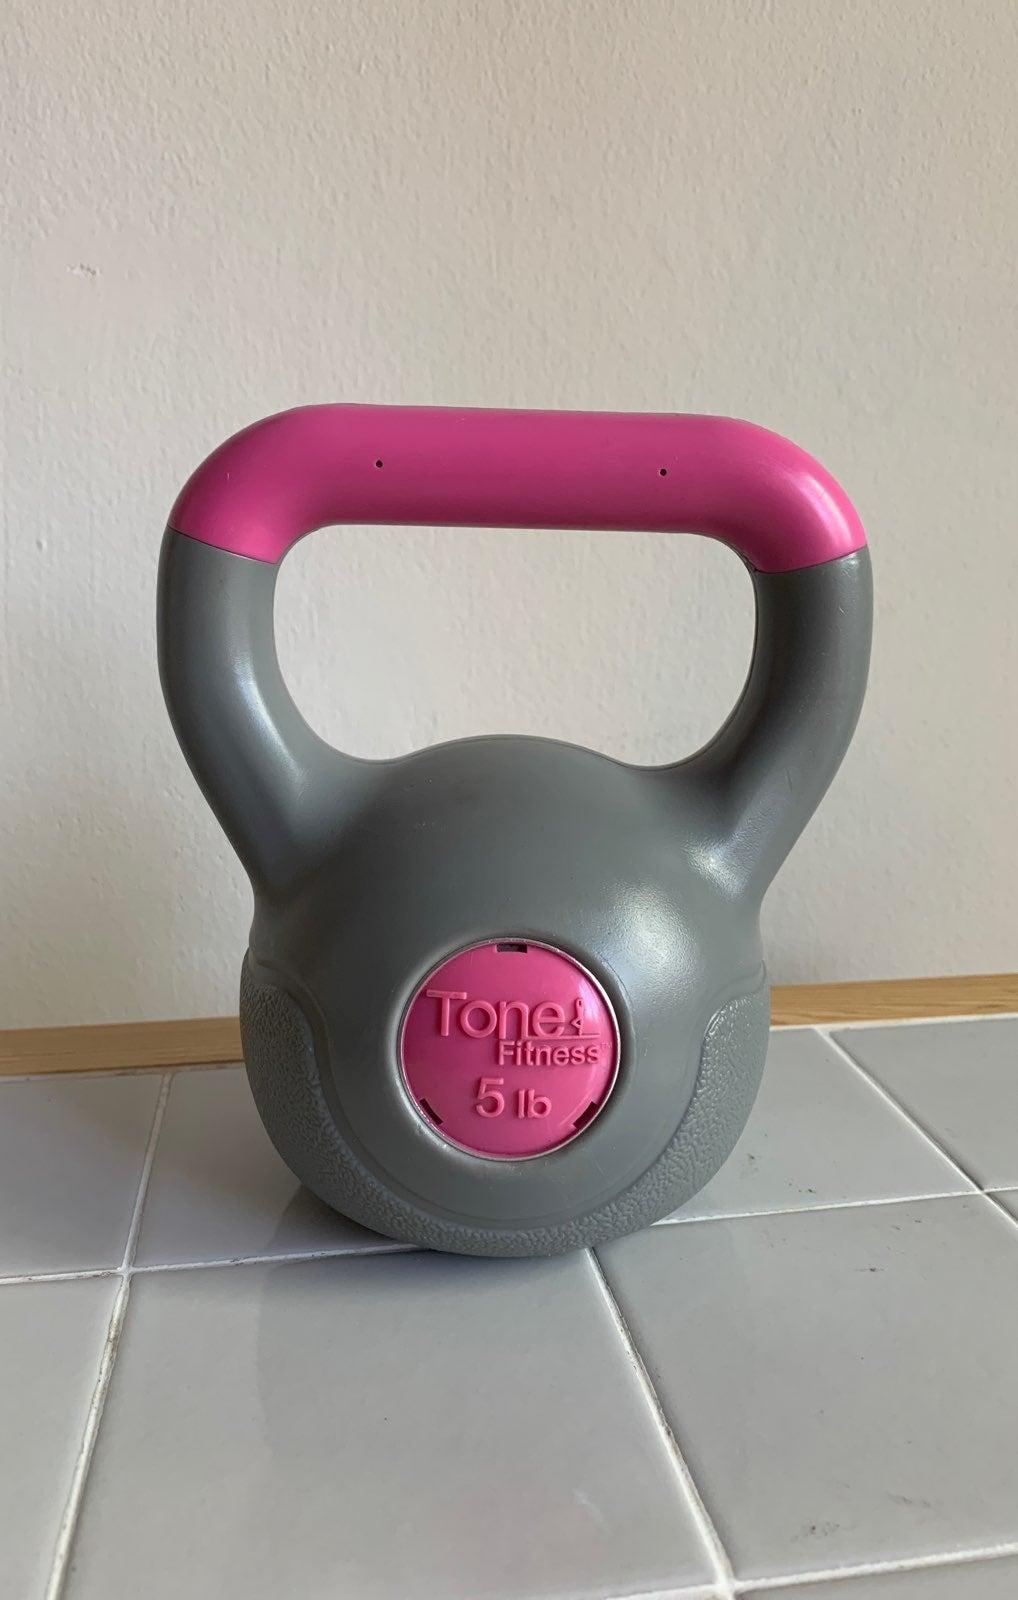 Tone Fitness 5 lb kettlebell